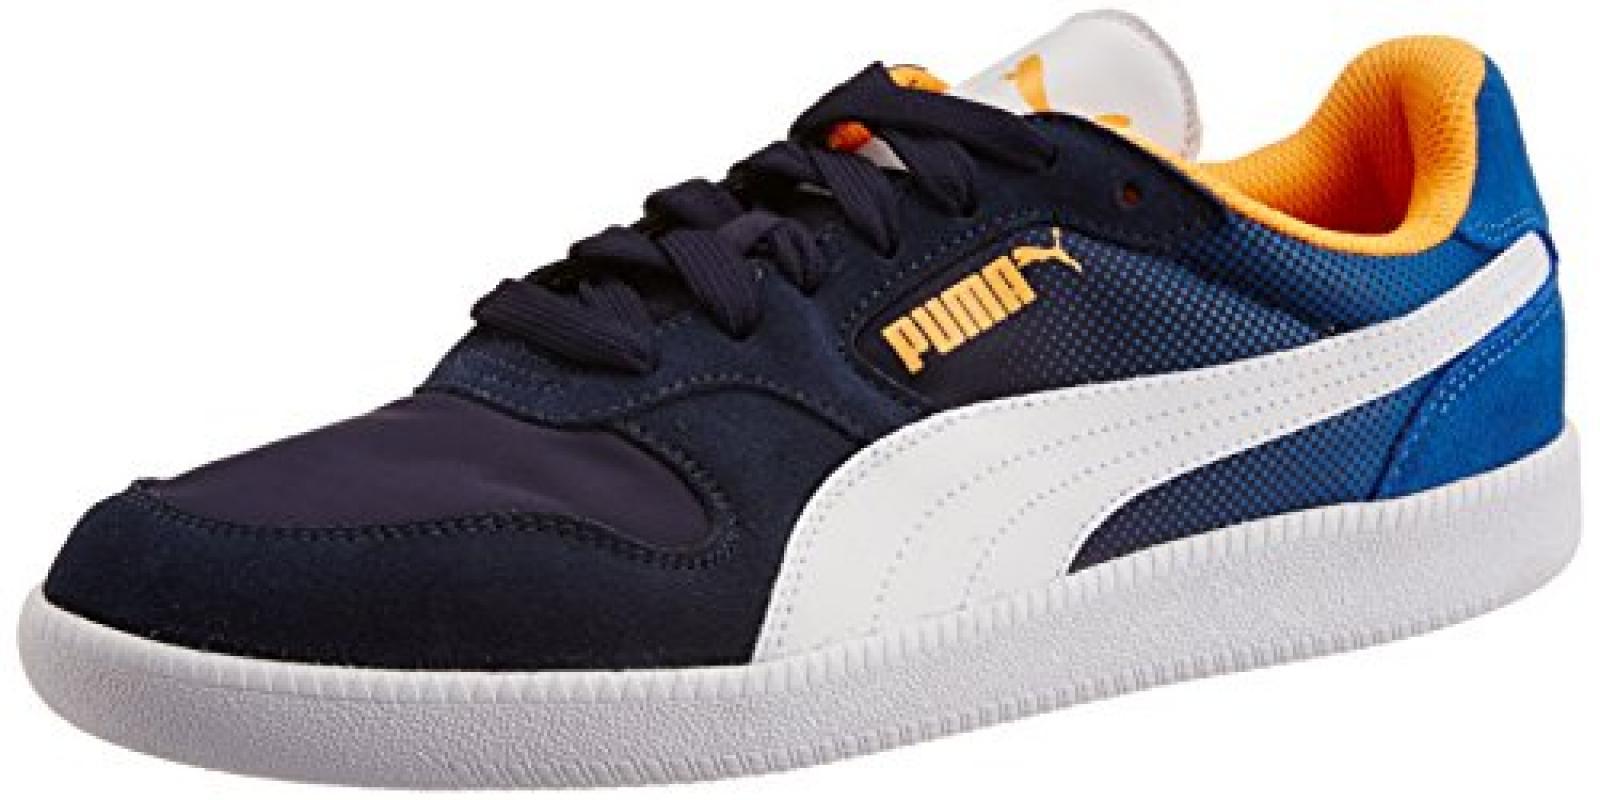 Puma Icra Trainer Shades Herren Sneakers